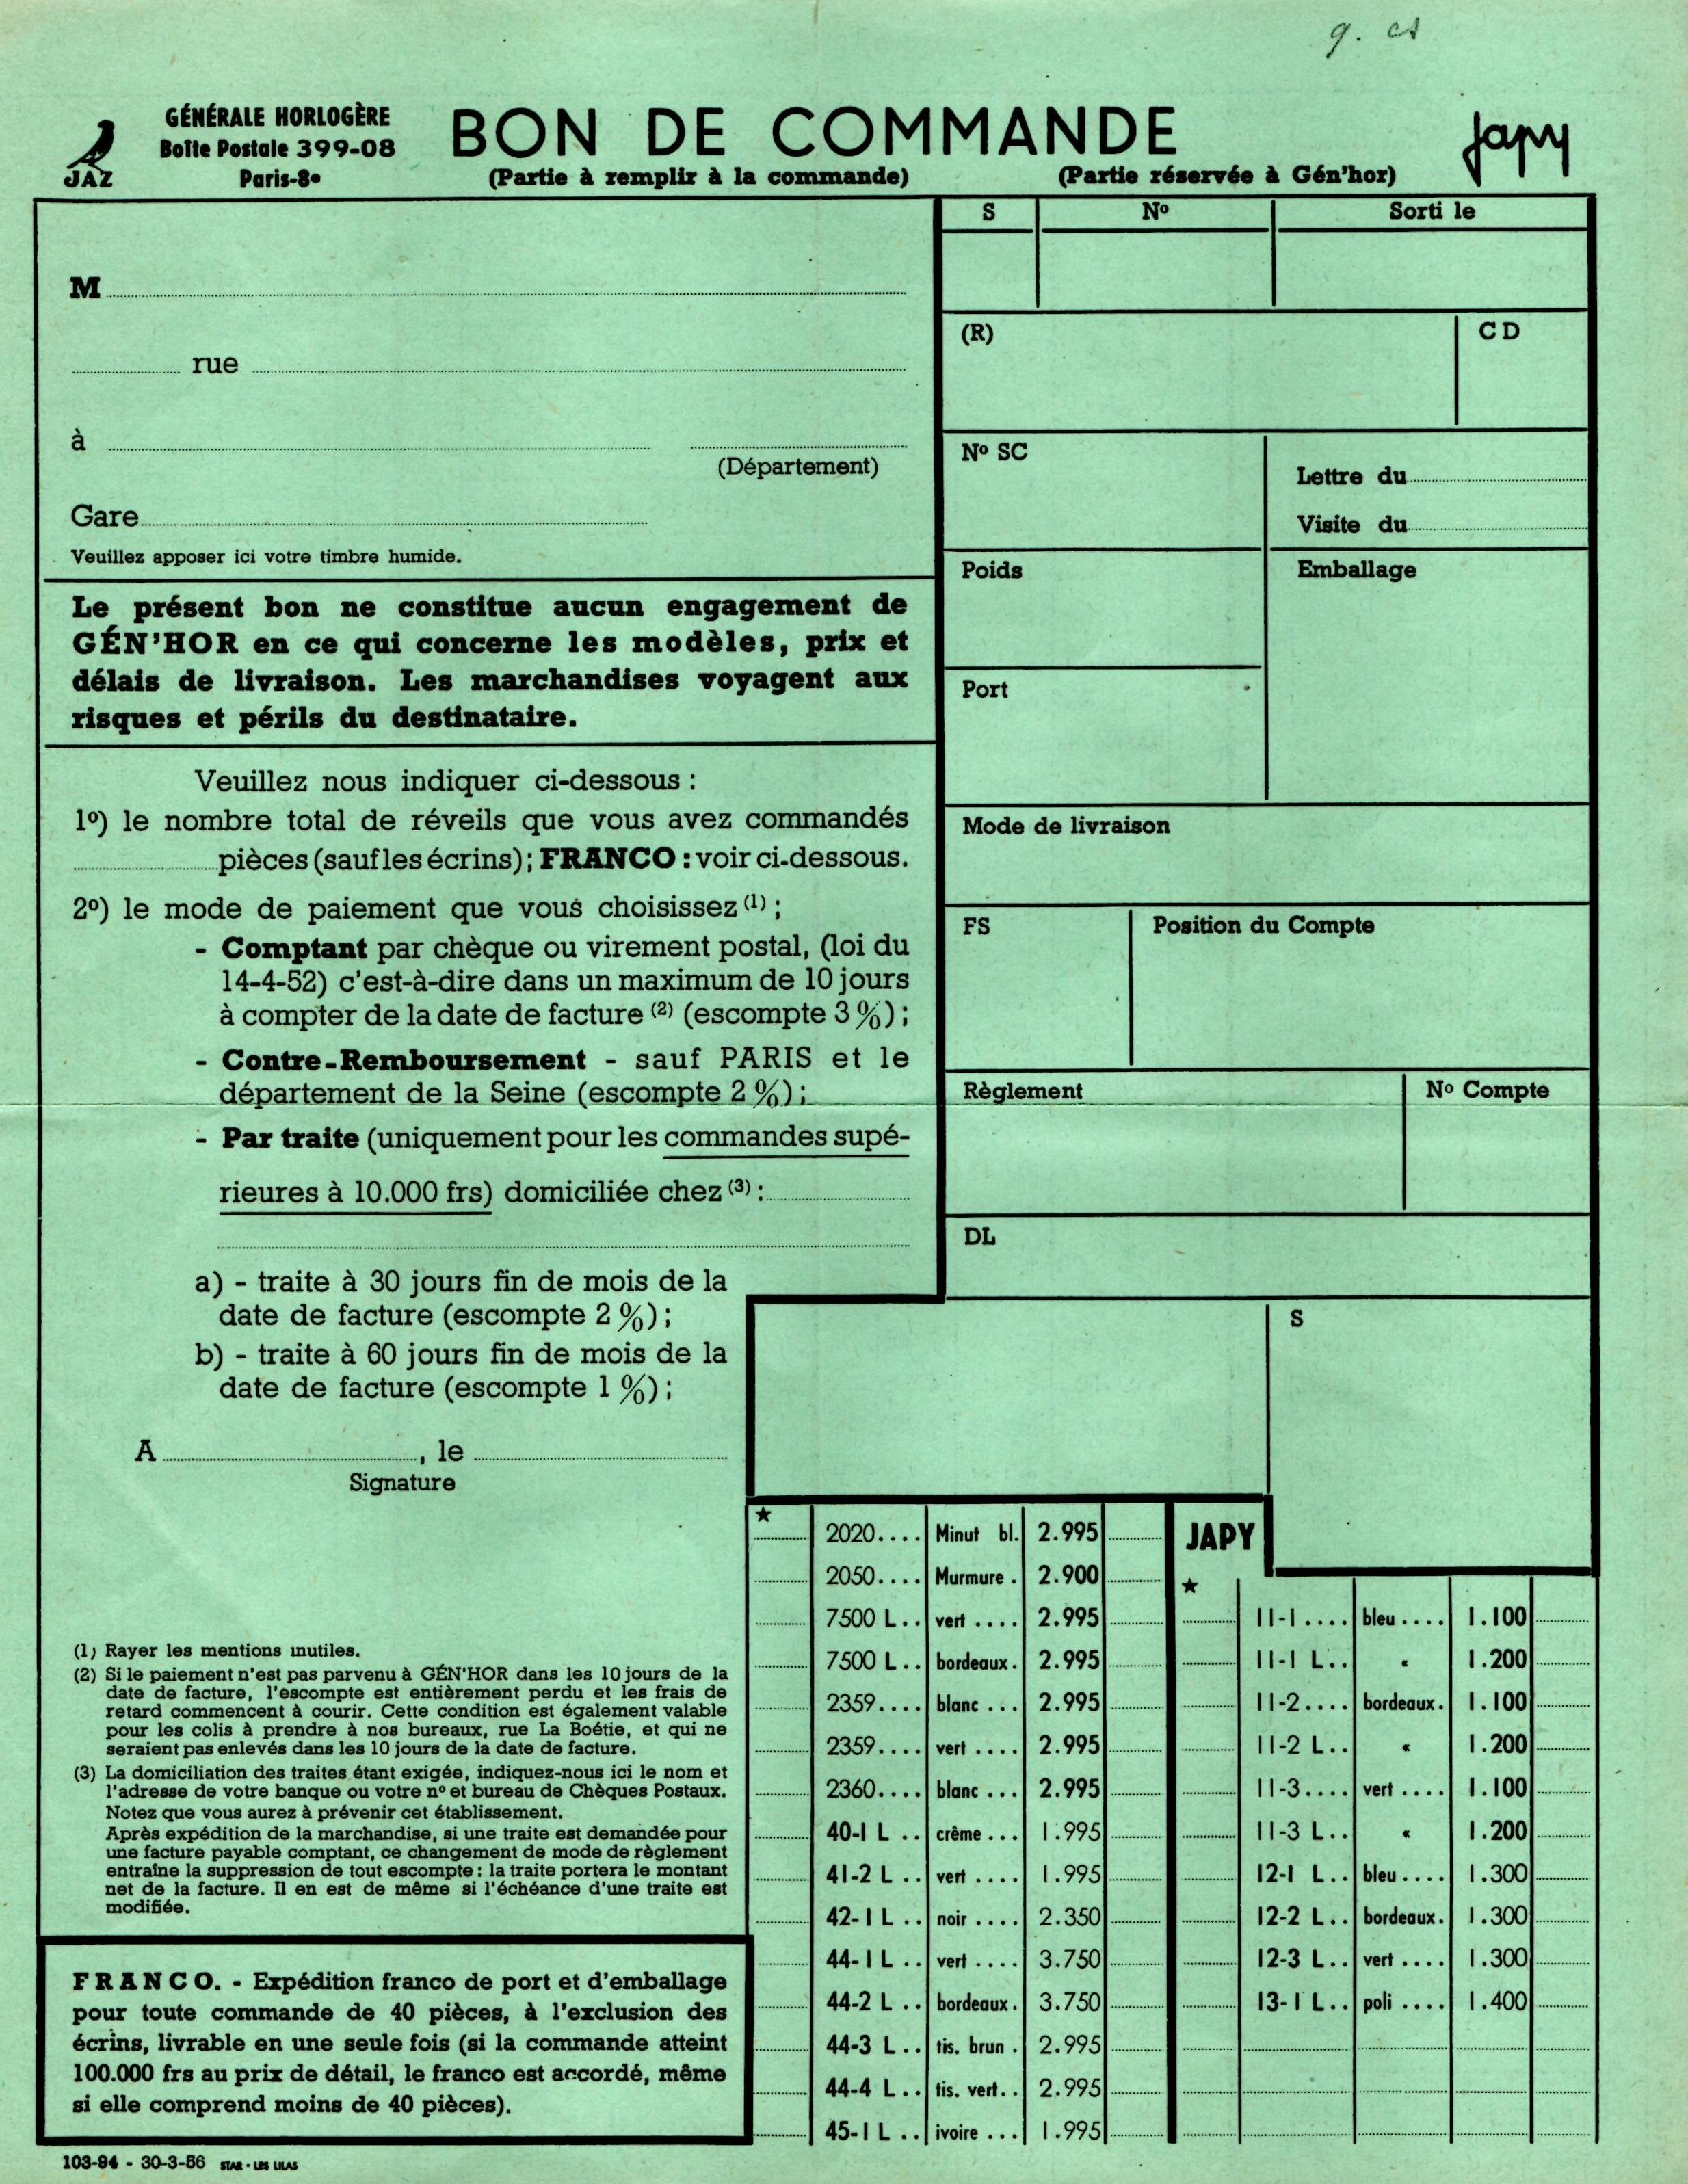 1955 bon de commande Tarif FB 55mars 1956